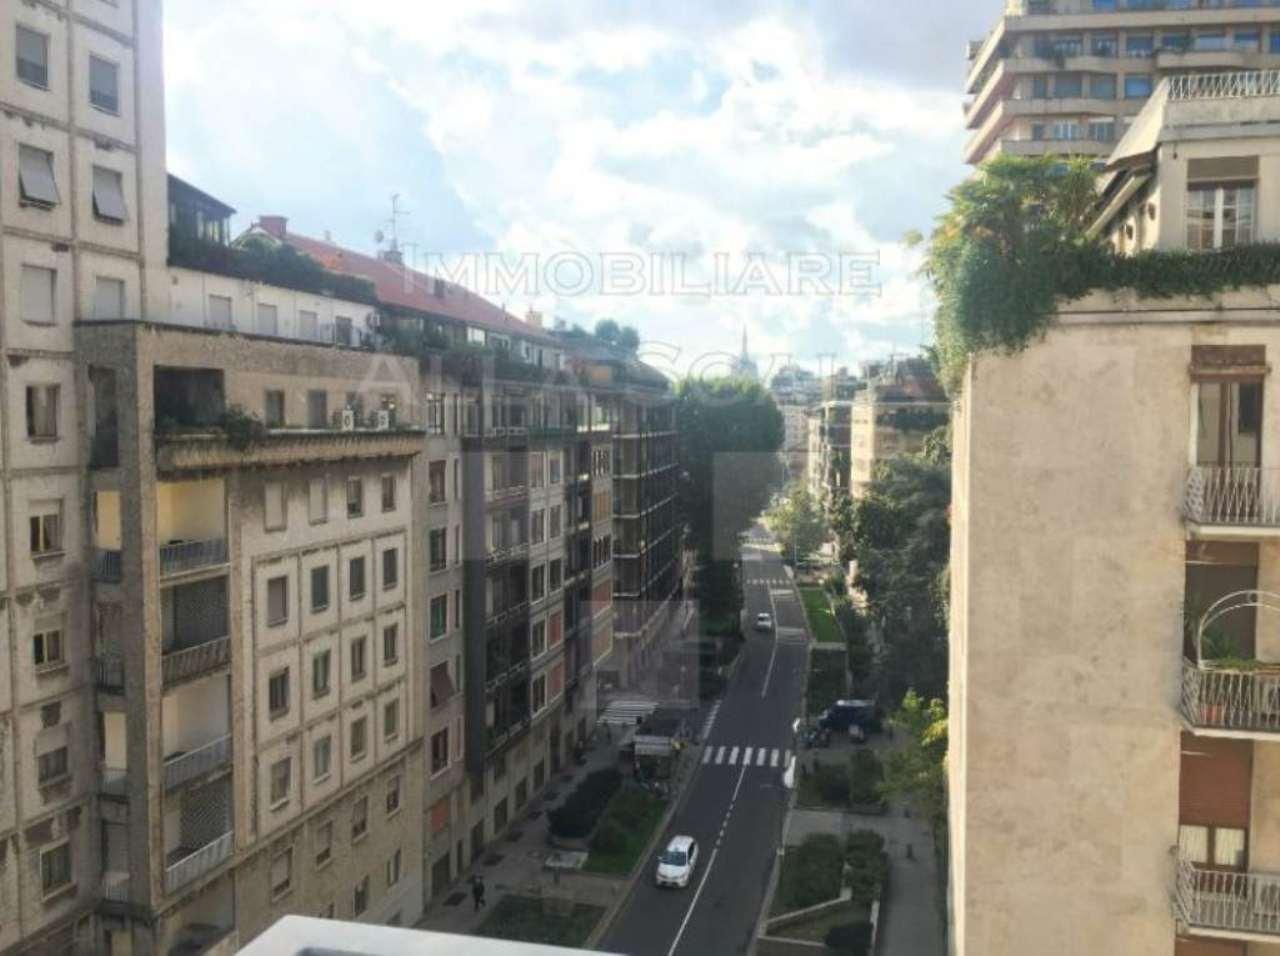 Appartamenti cinque o pi locali in affitto a milano for Appartamenti arredati in affitto milano